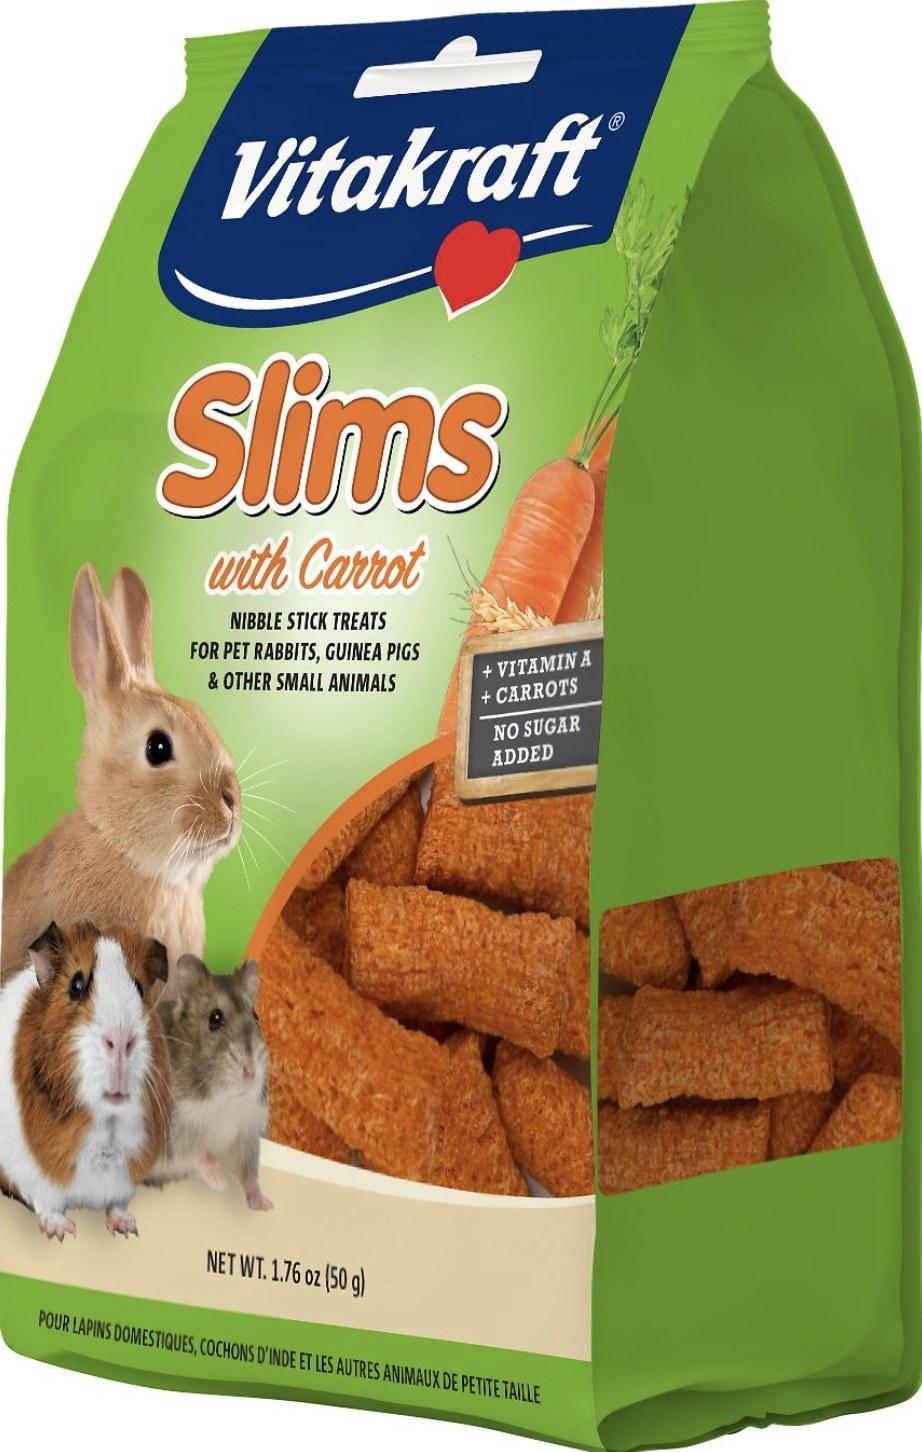 The carrot treats